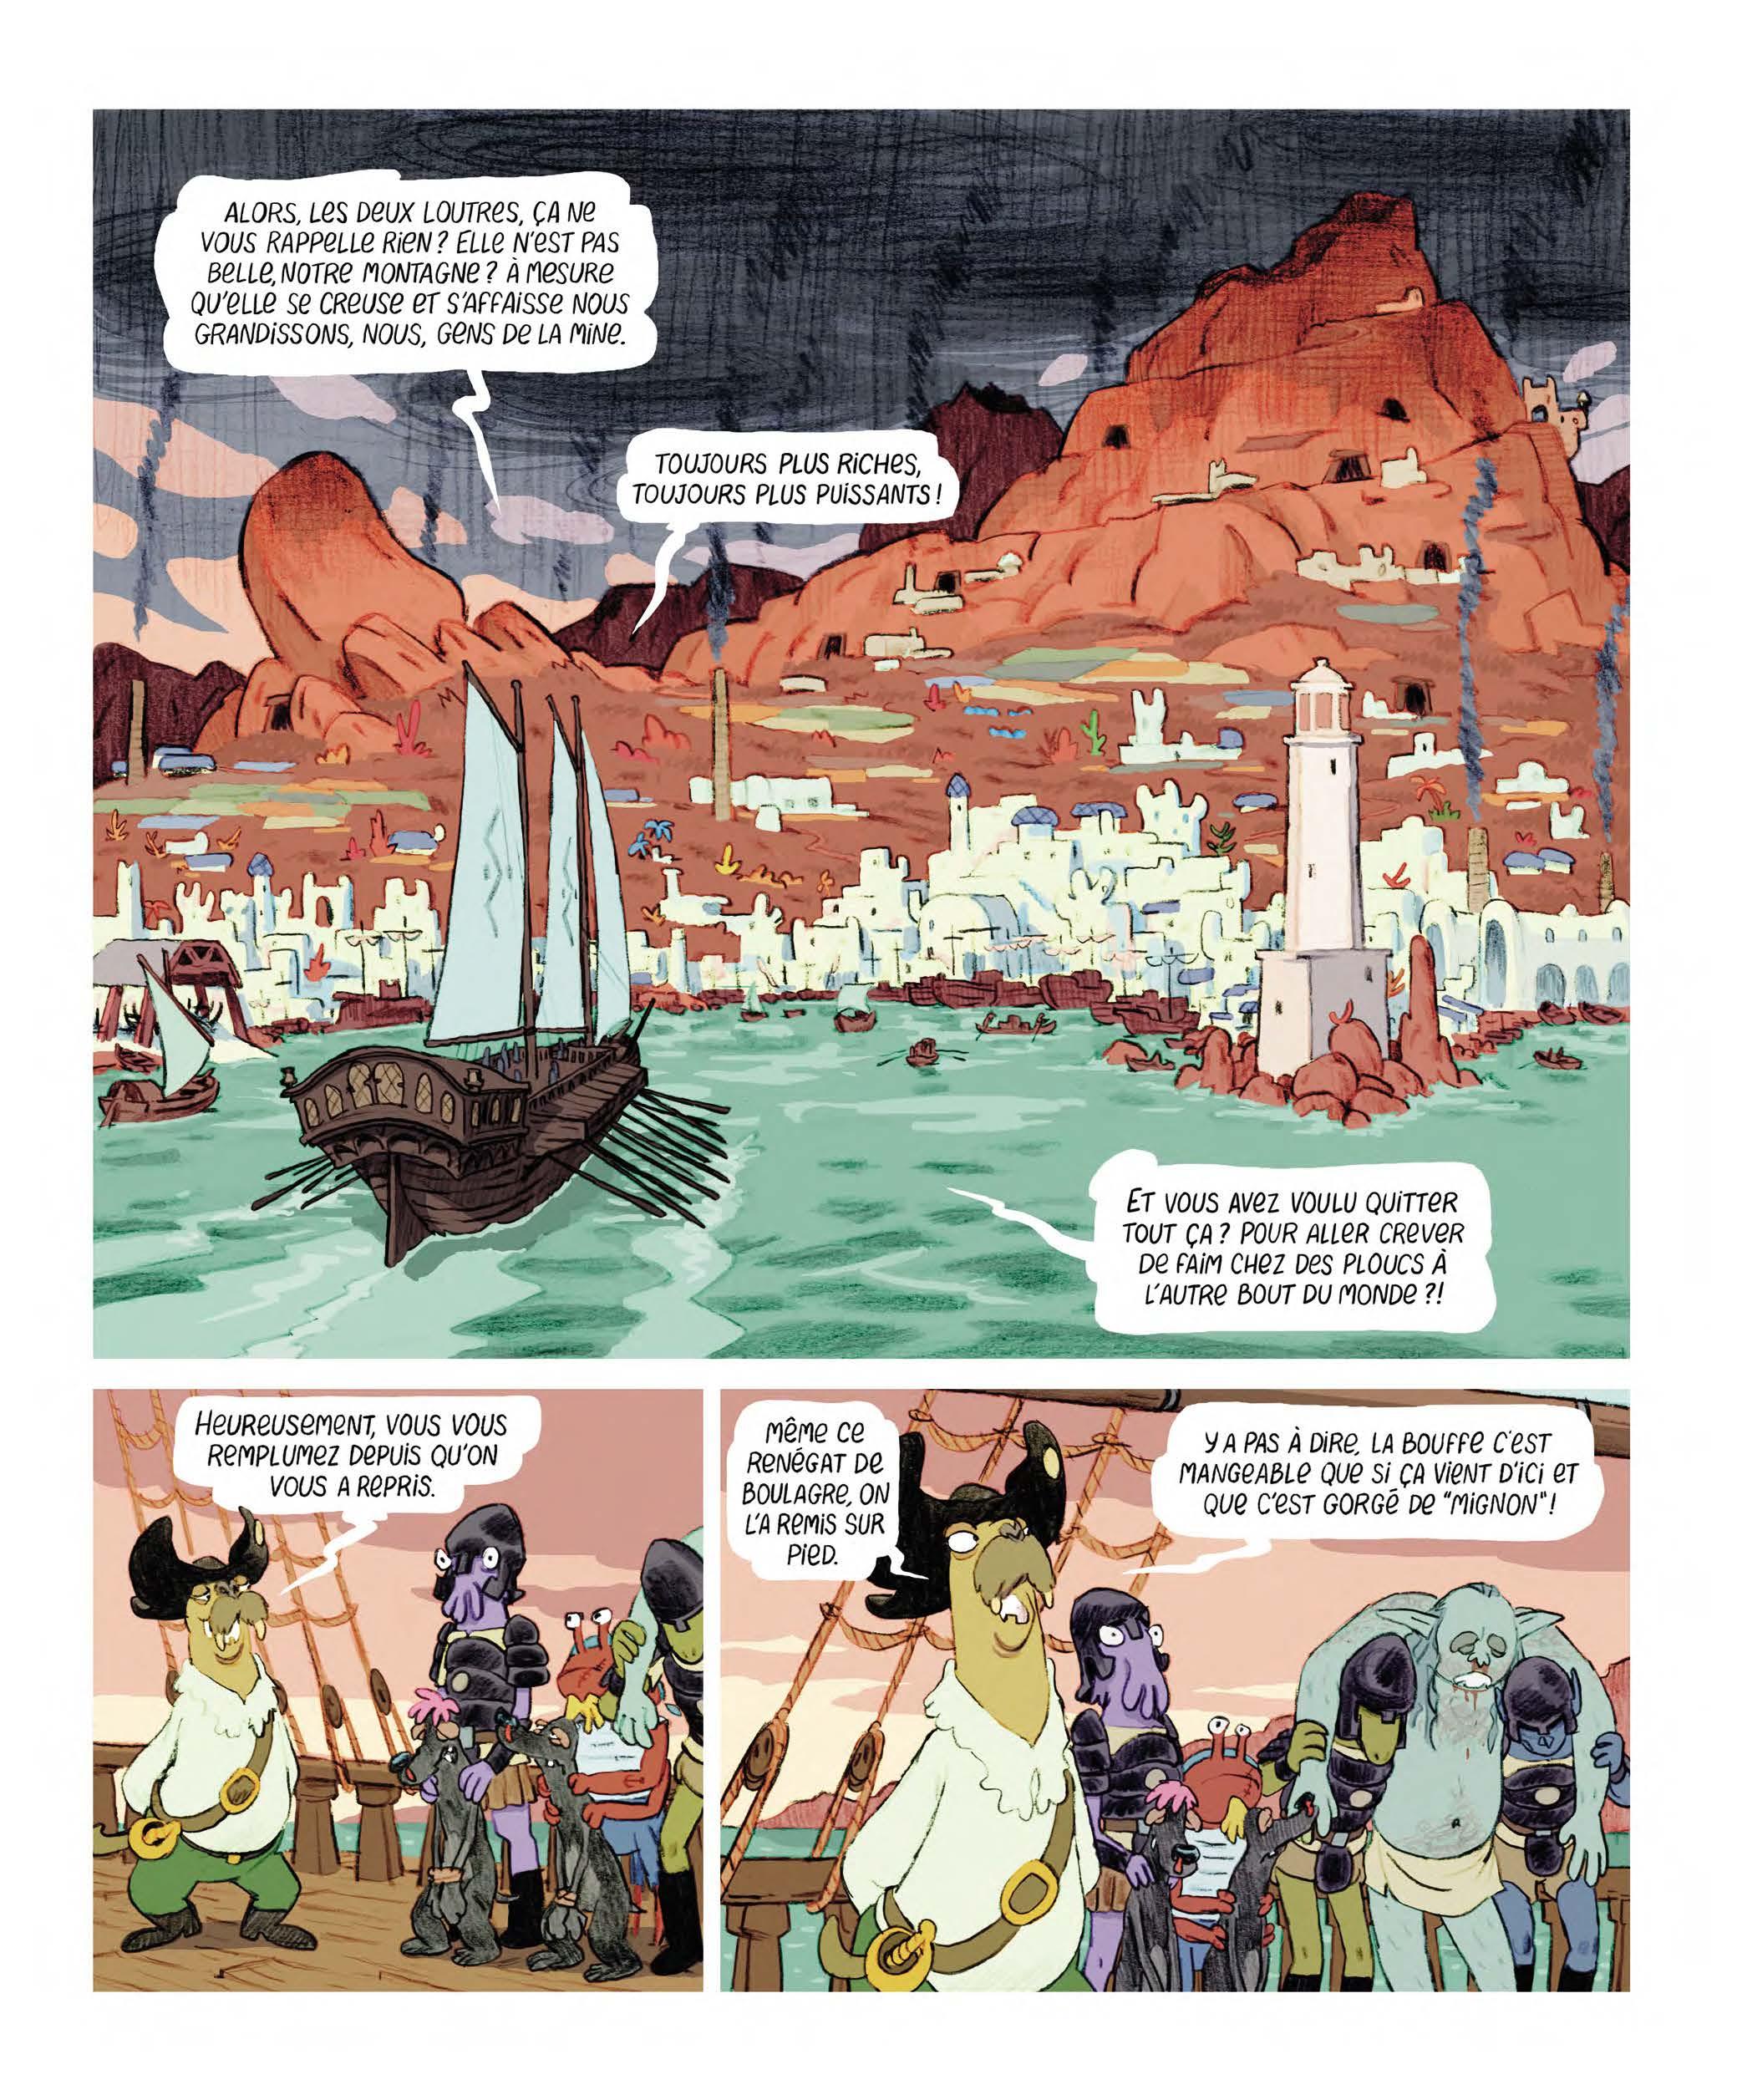 Extrait n°6 Les Affamés 2 - Hum et Wouaf et la triste mine  - Le retour d'hum et wouaf dans les mines de mignon par Jean-Emmanuel Vermot-Desroches